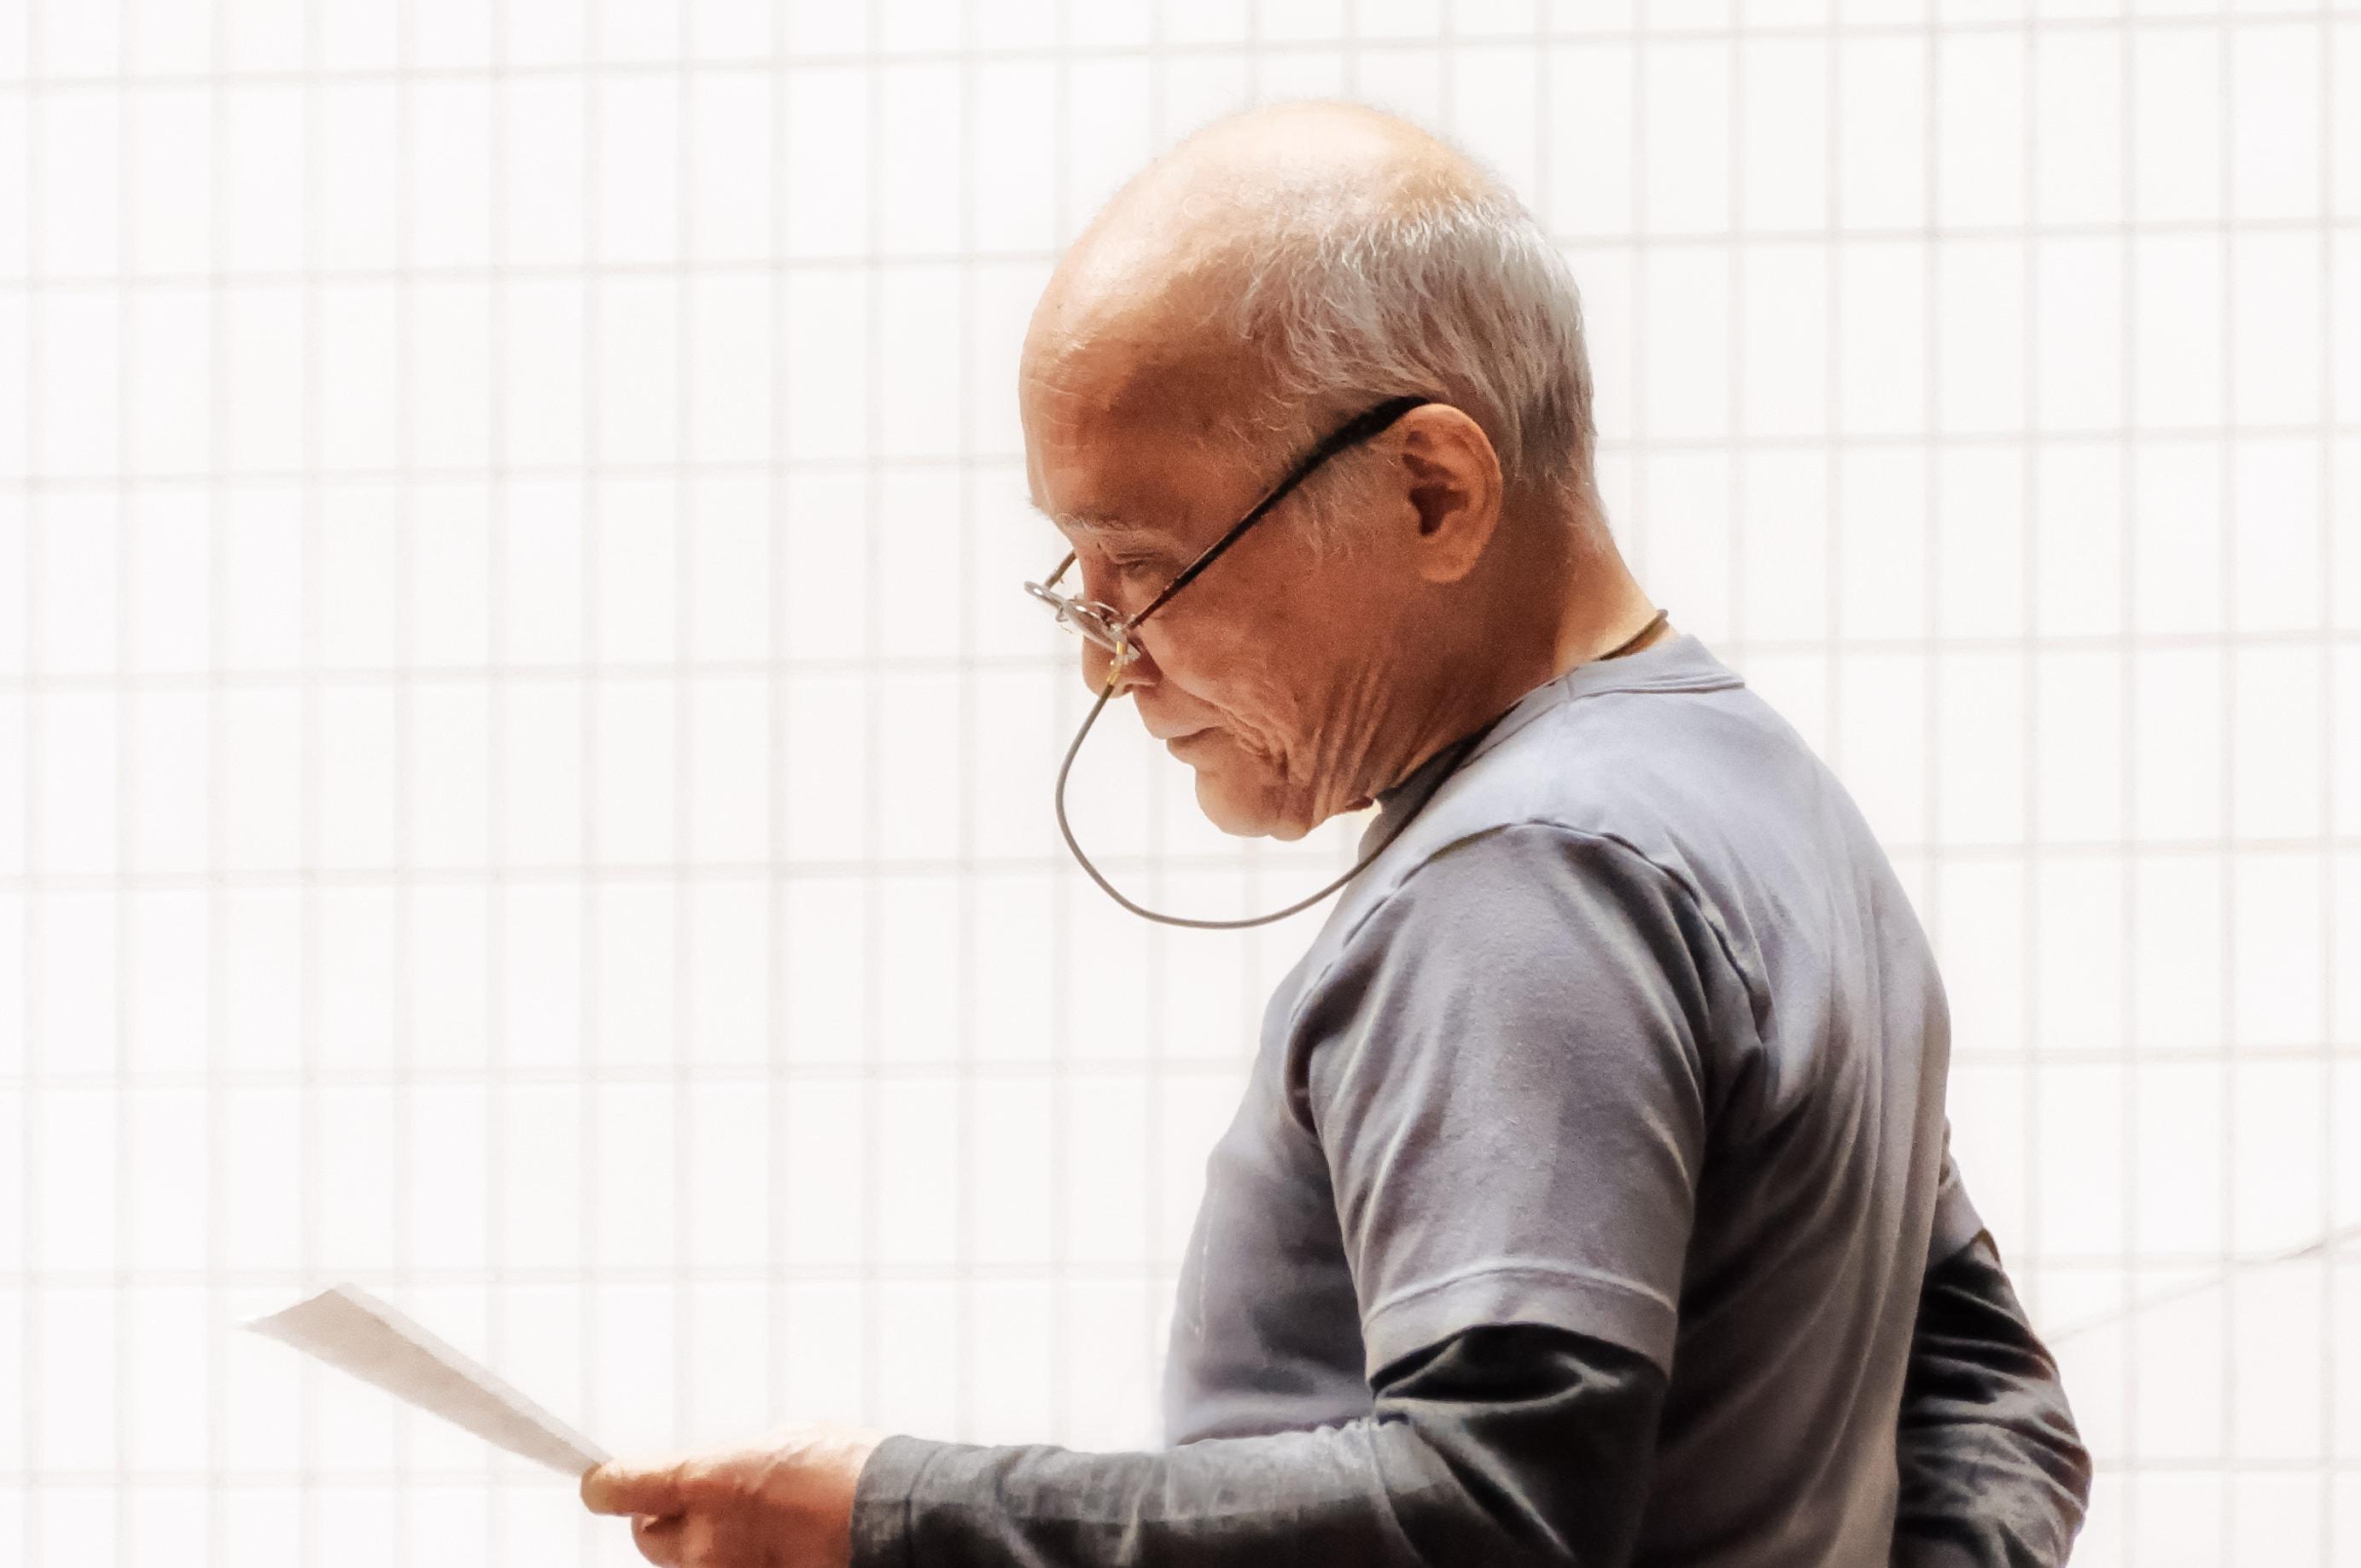 有名詩人の新たな一面に迫る!「谷川俊太郎展」展覧会招待券プレゼントも